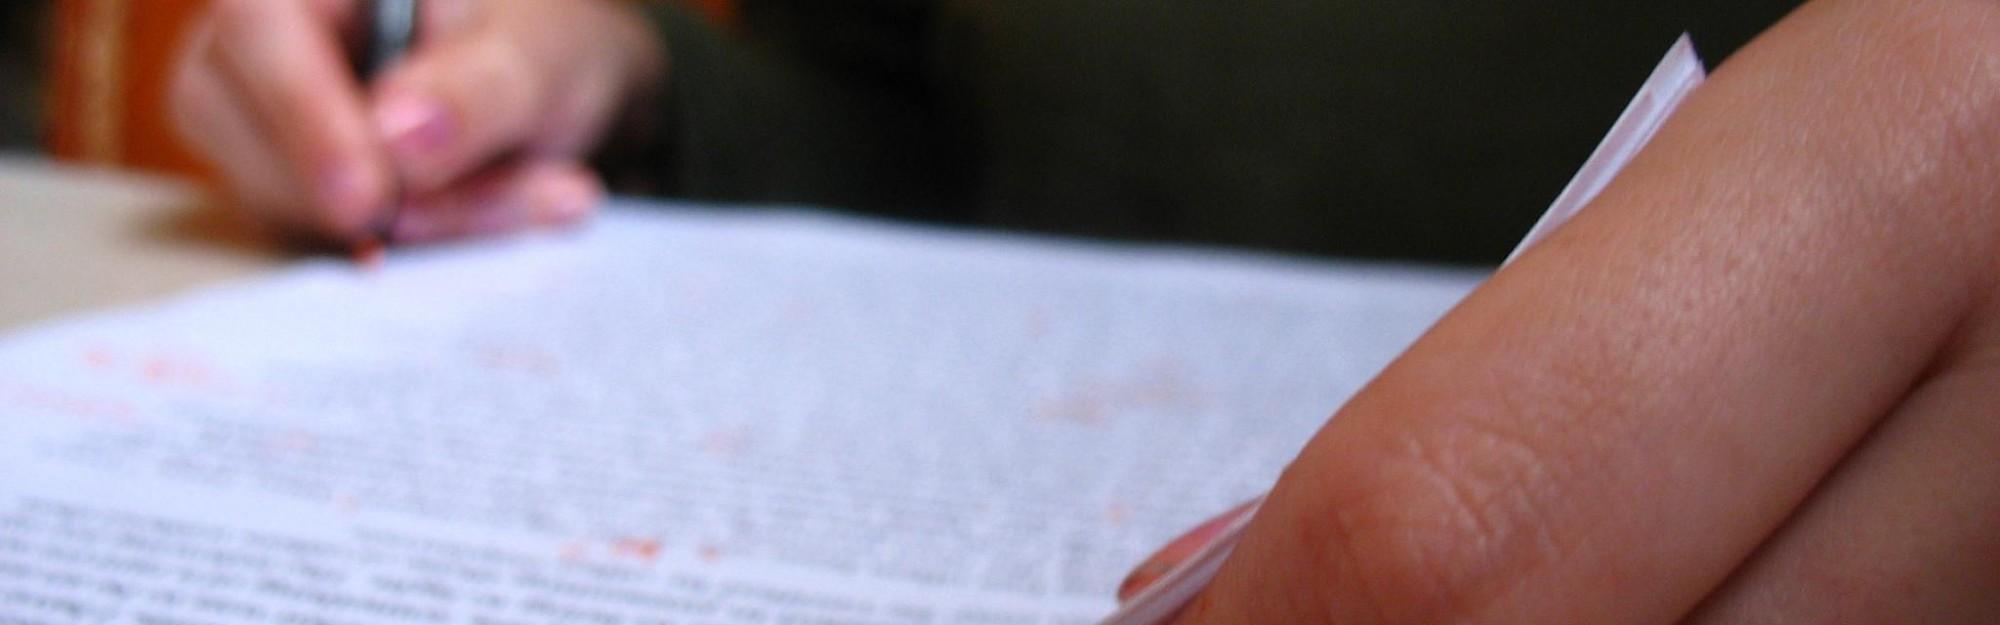 Wie schreibe ich eine Redeanalyse?